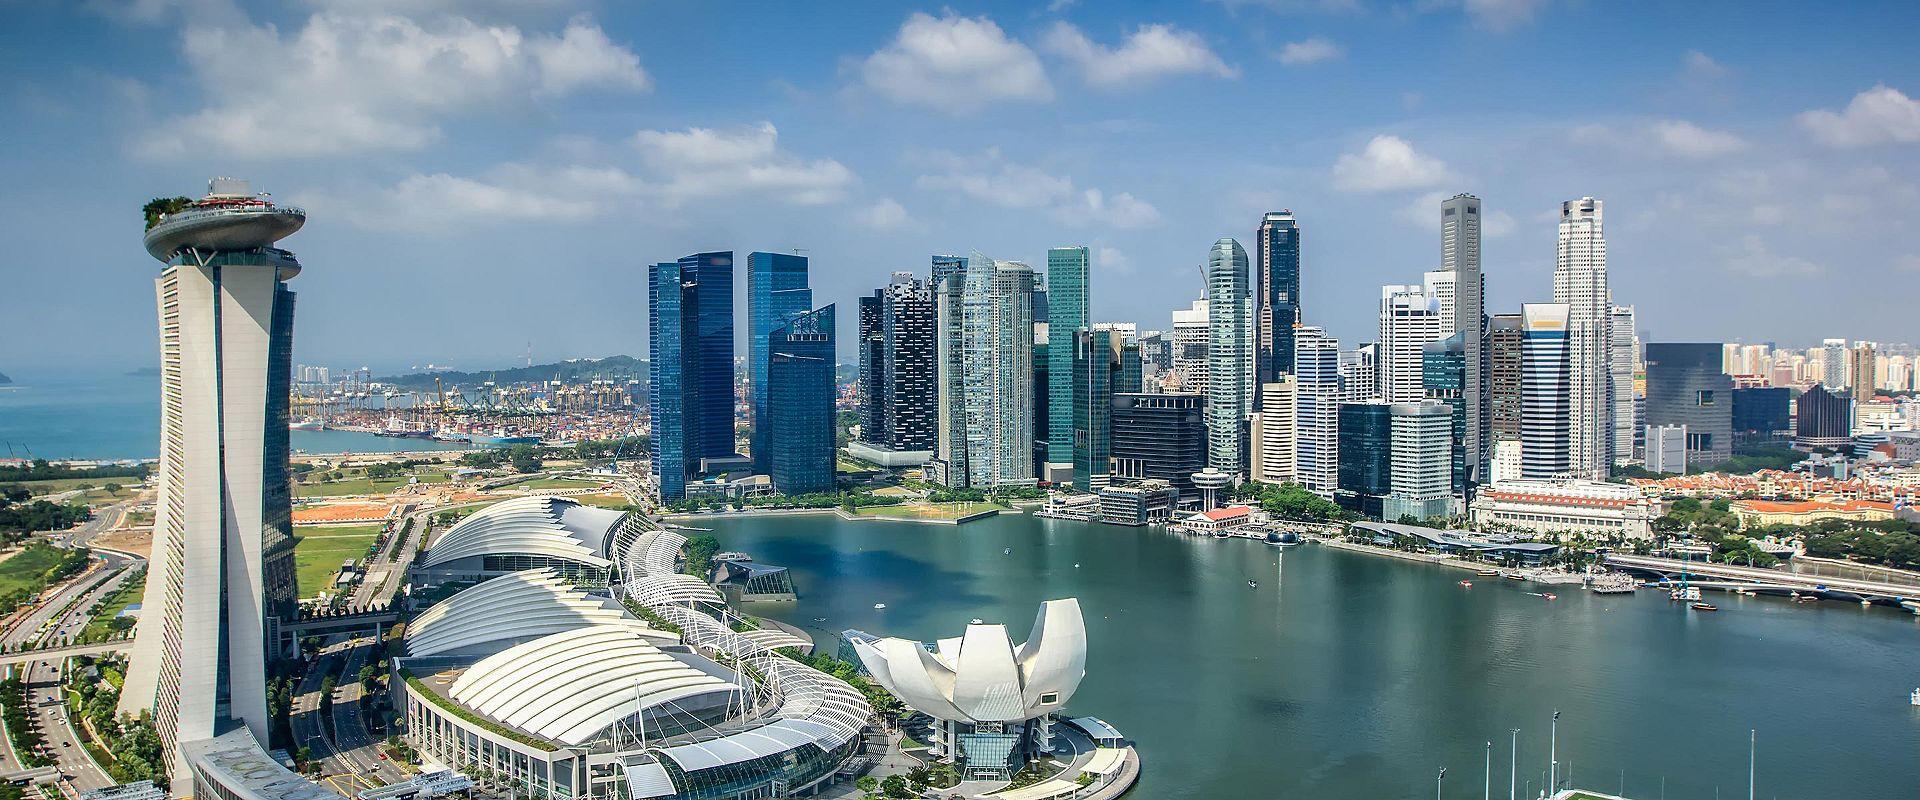 シンガポール発香港着 タイ・ベトナムクルーズ 9泊10日